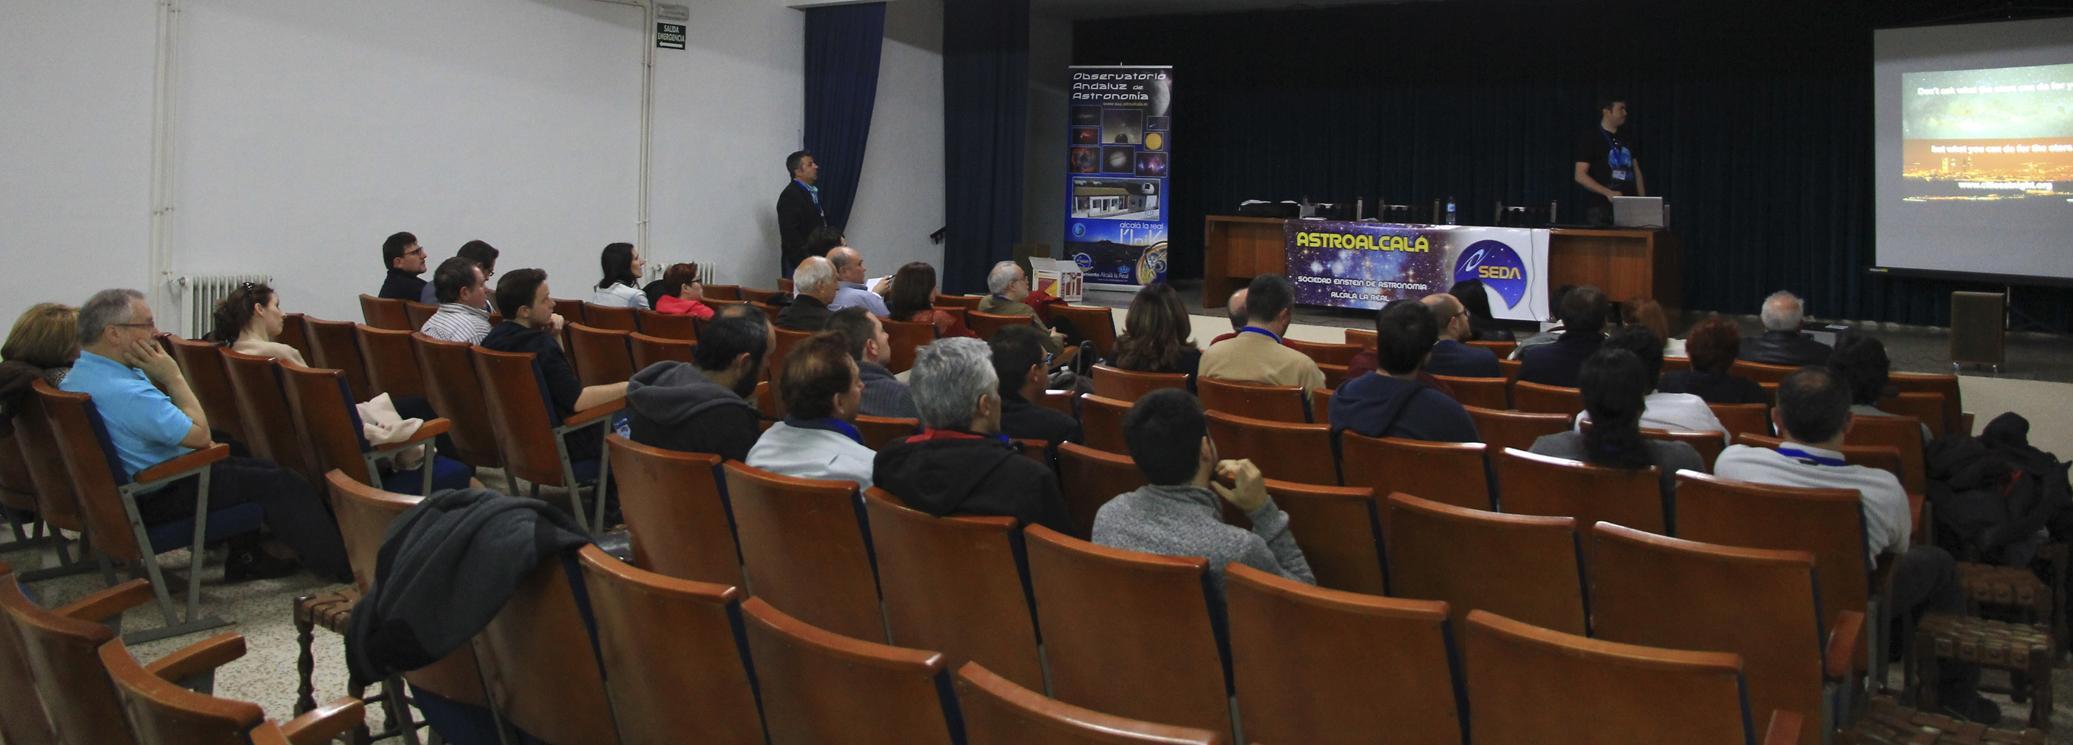 Dr. Alejandro Sánchez - AstroAlcalá 2016